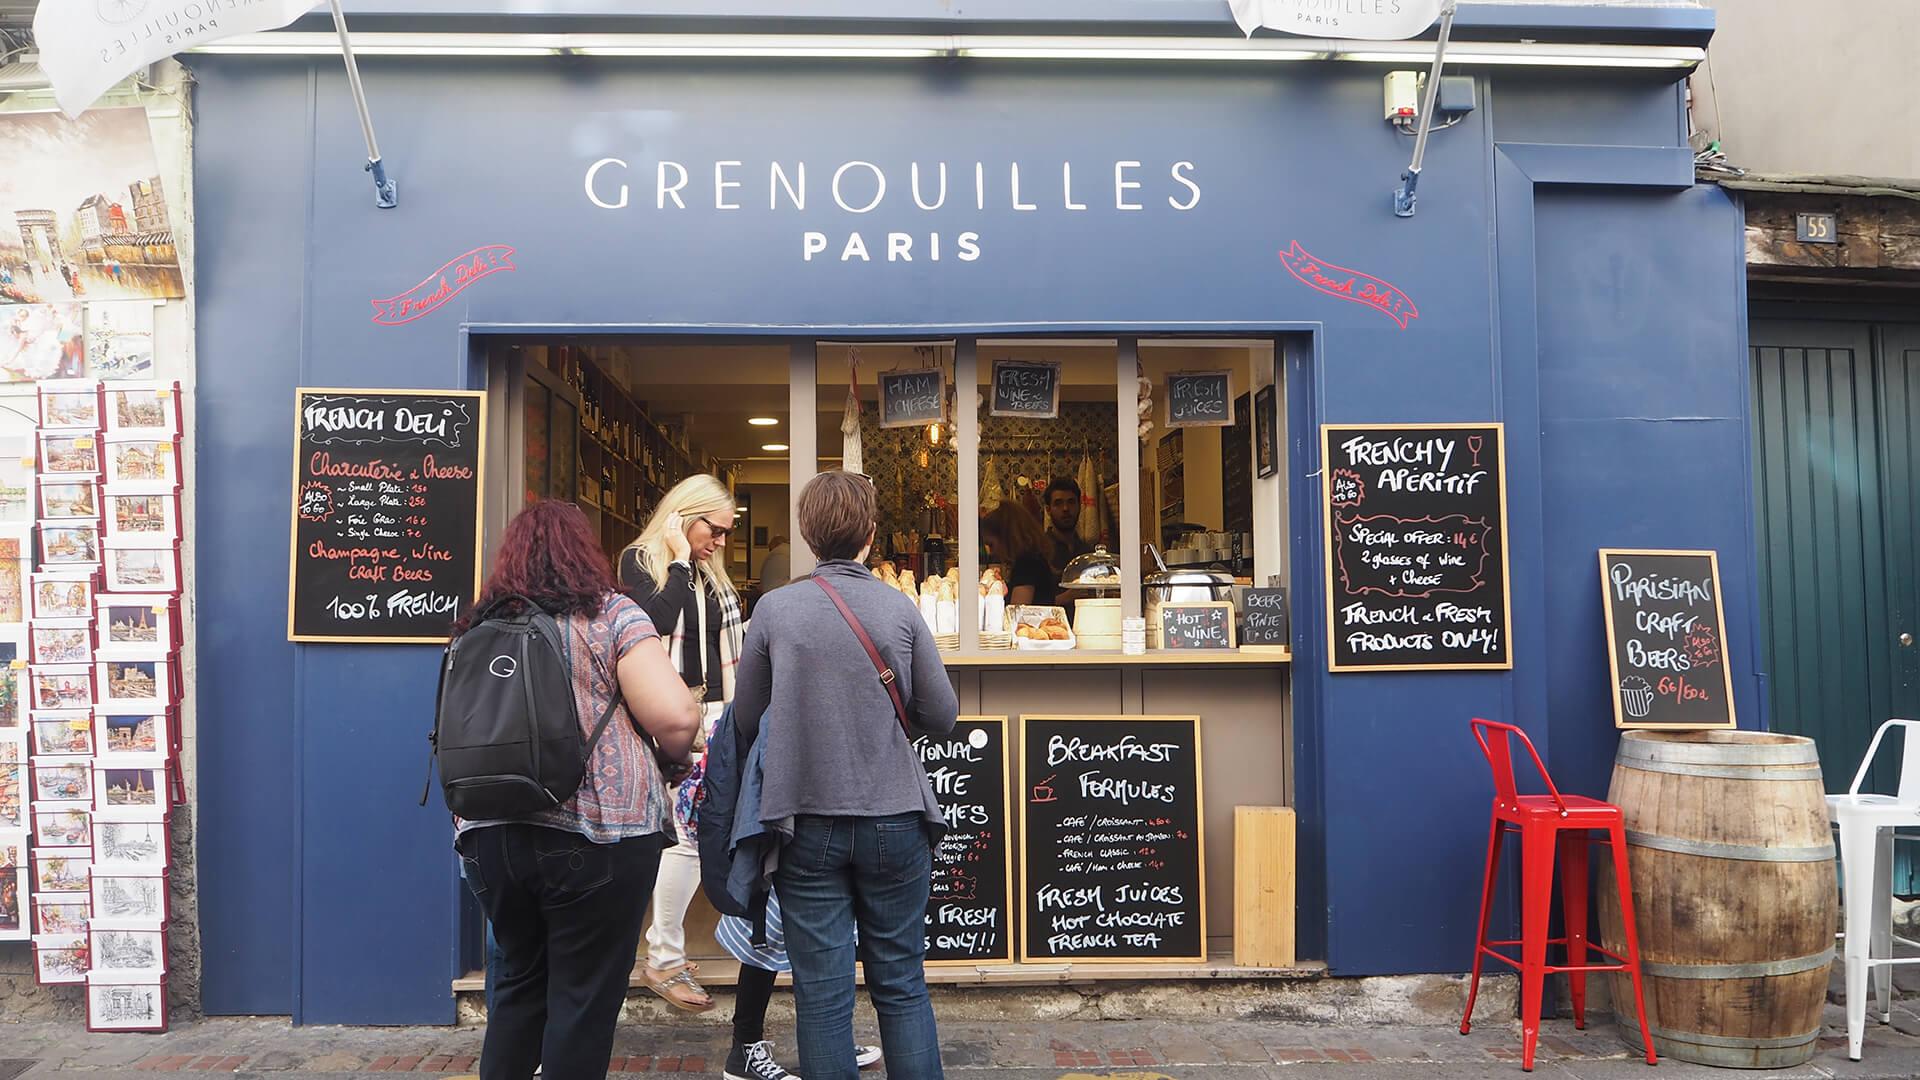 Restaurant Grenouille Paris 75018